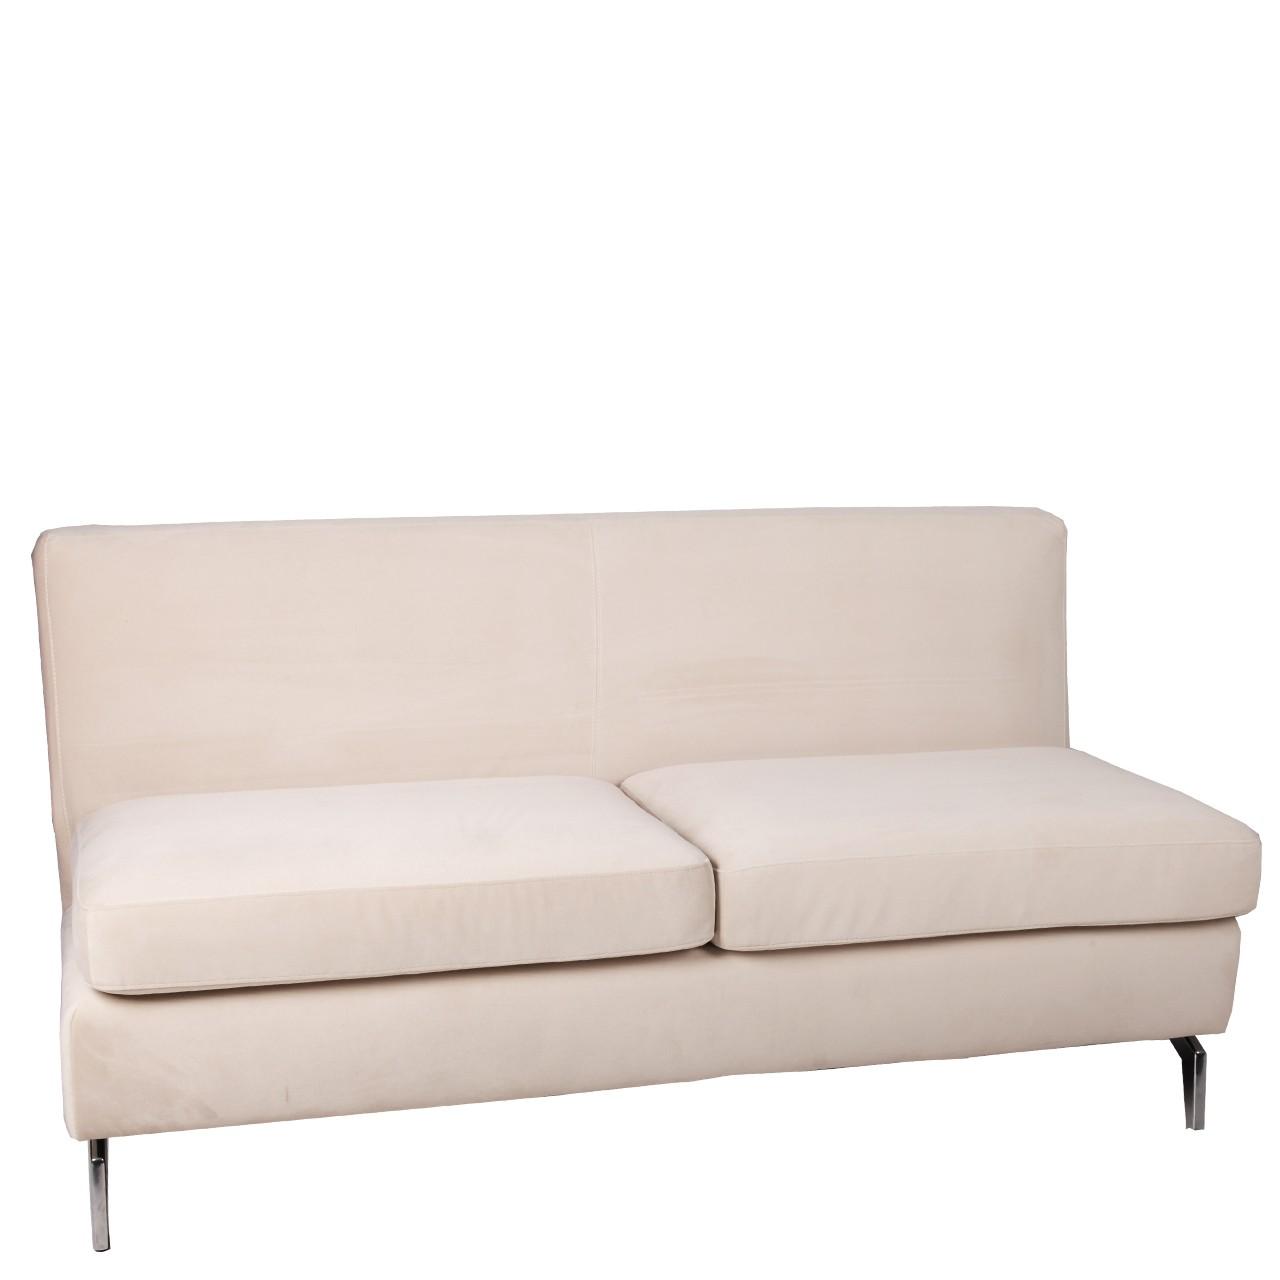 Sofa PLAY gerade